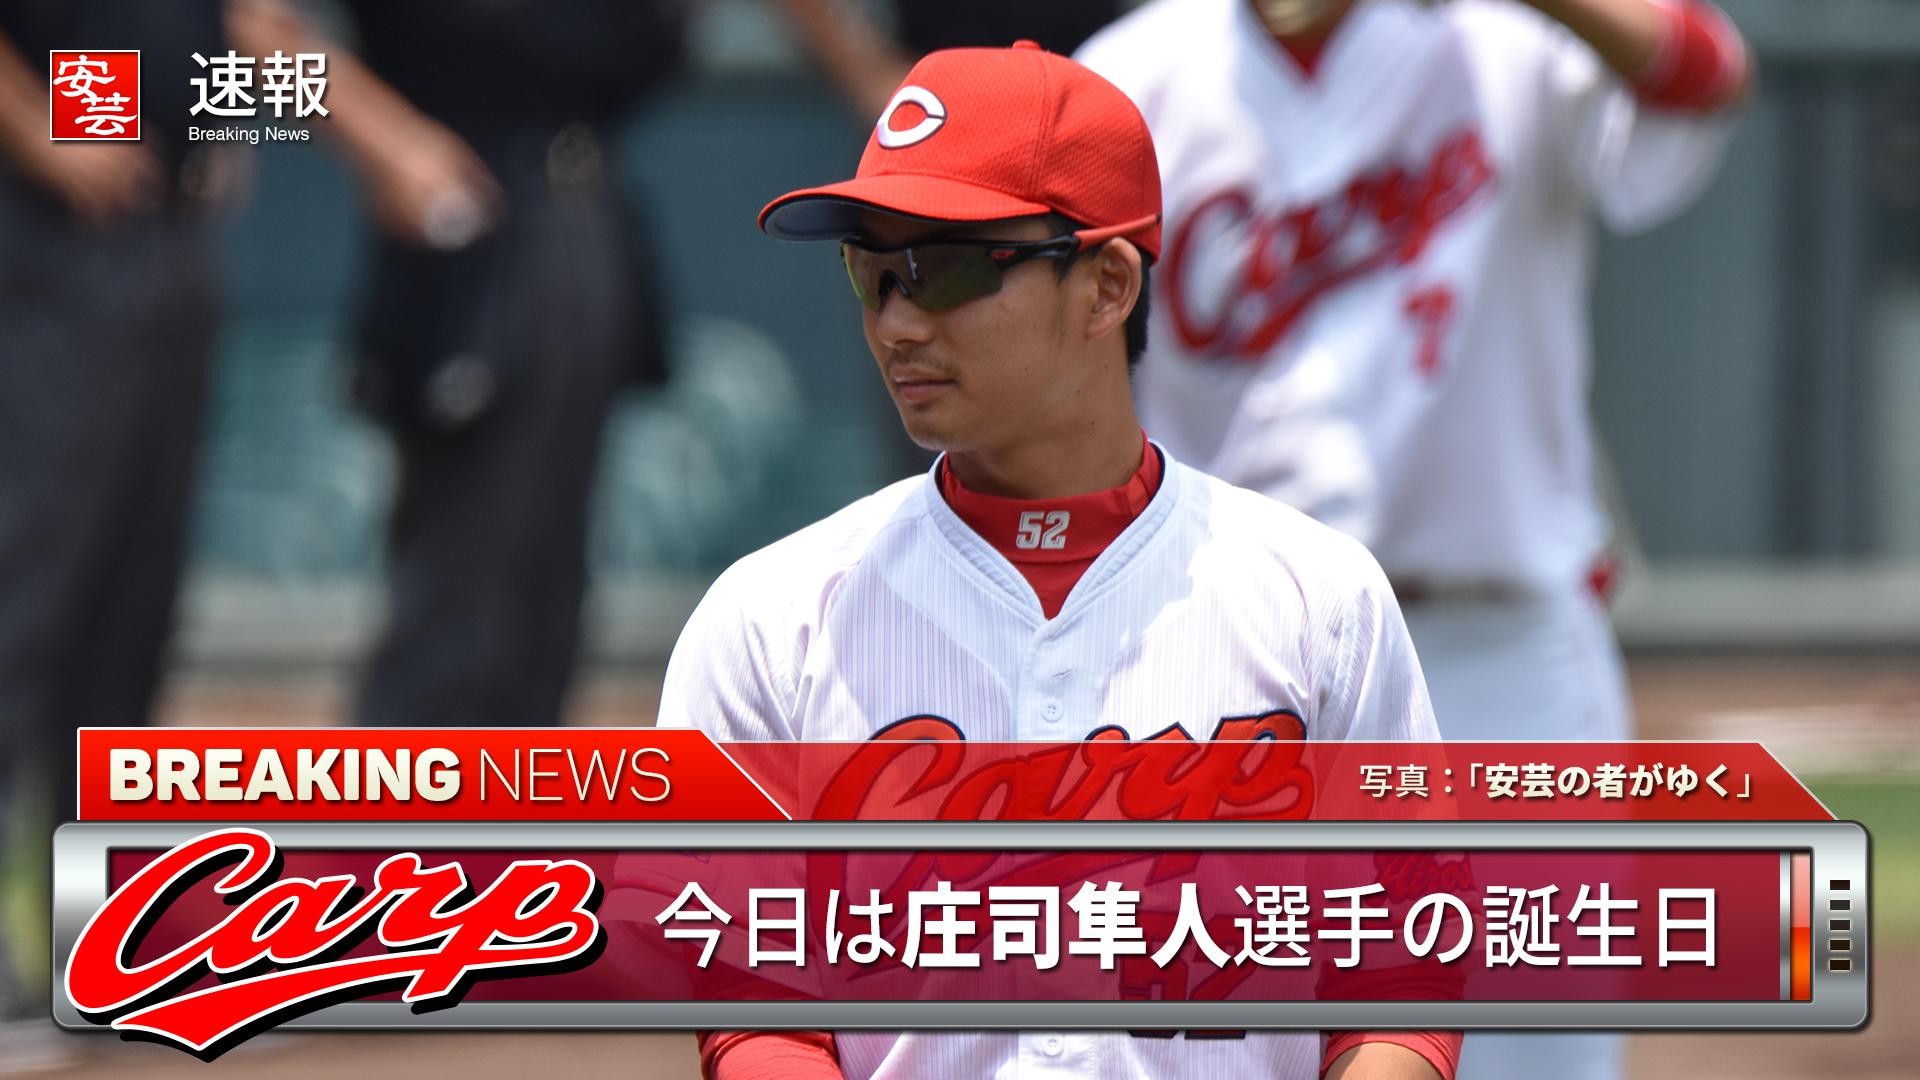 6月21日は庄司隼人選手の誕生日...